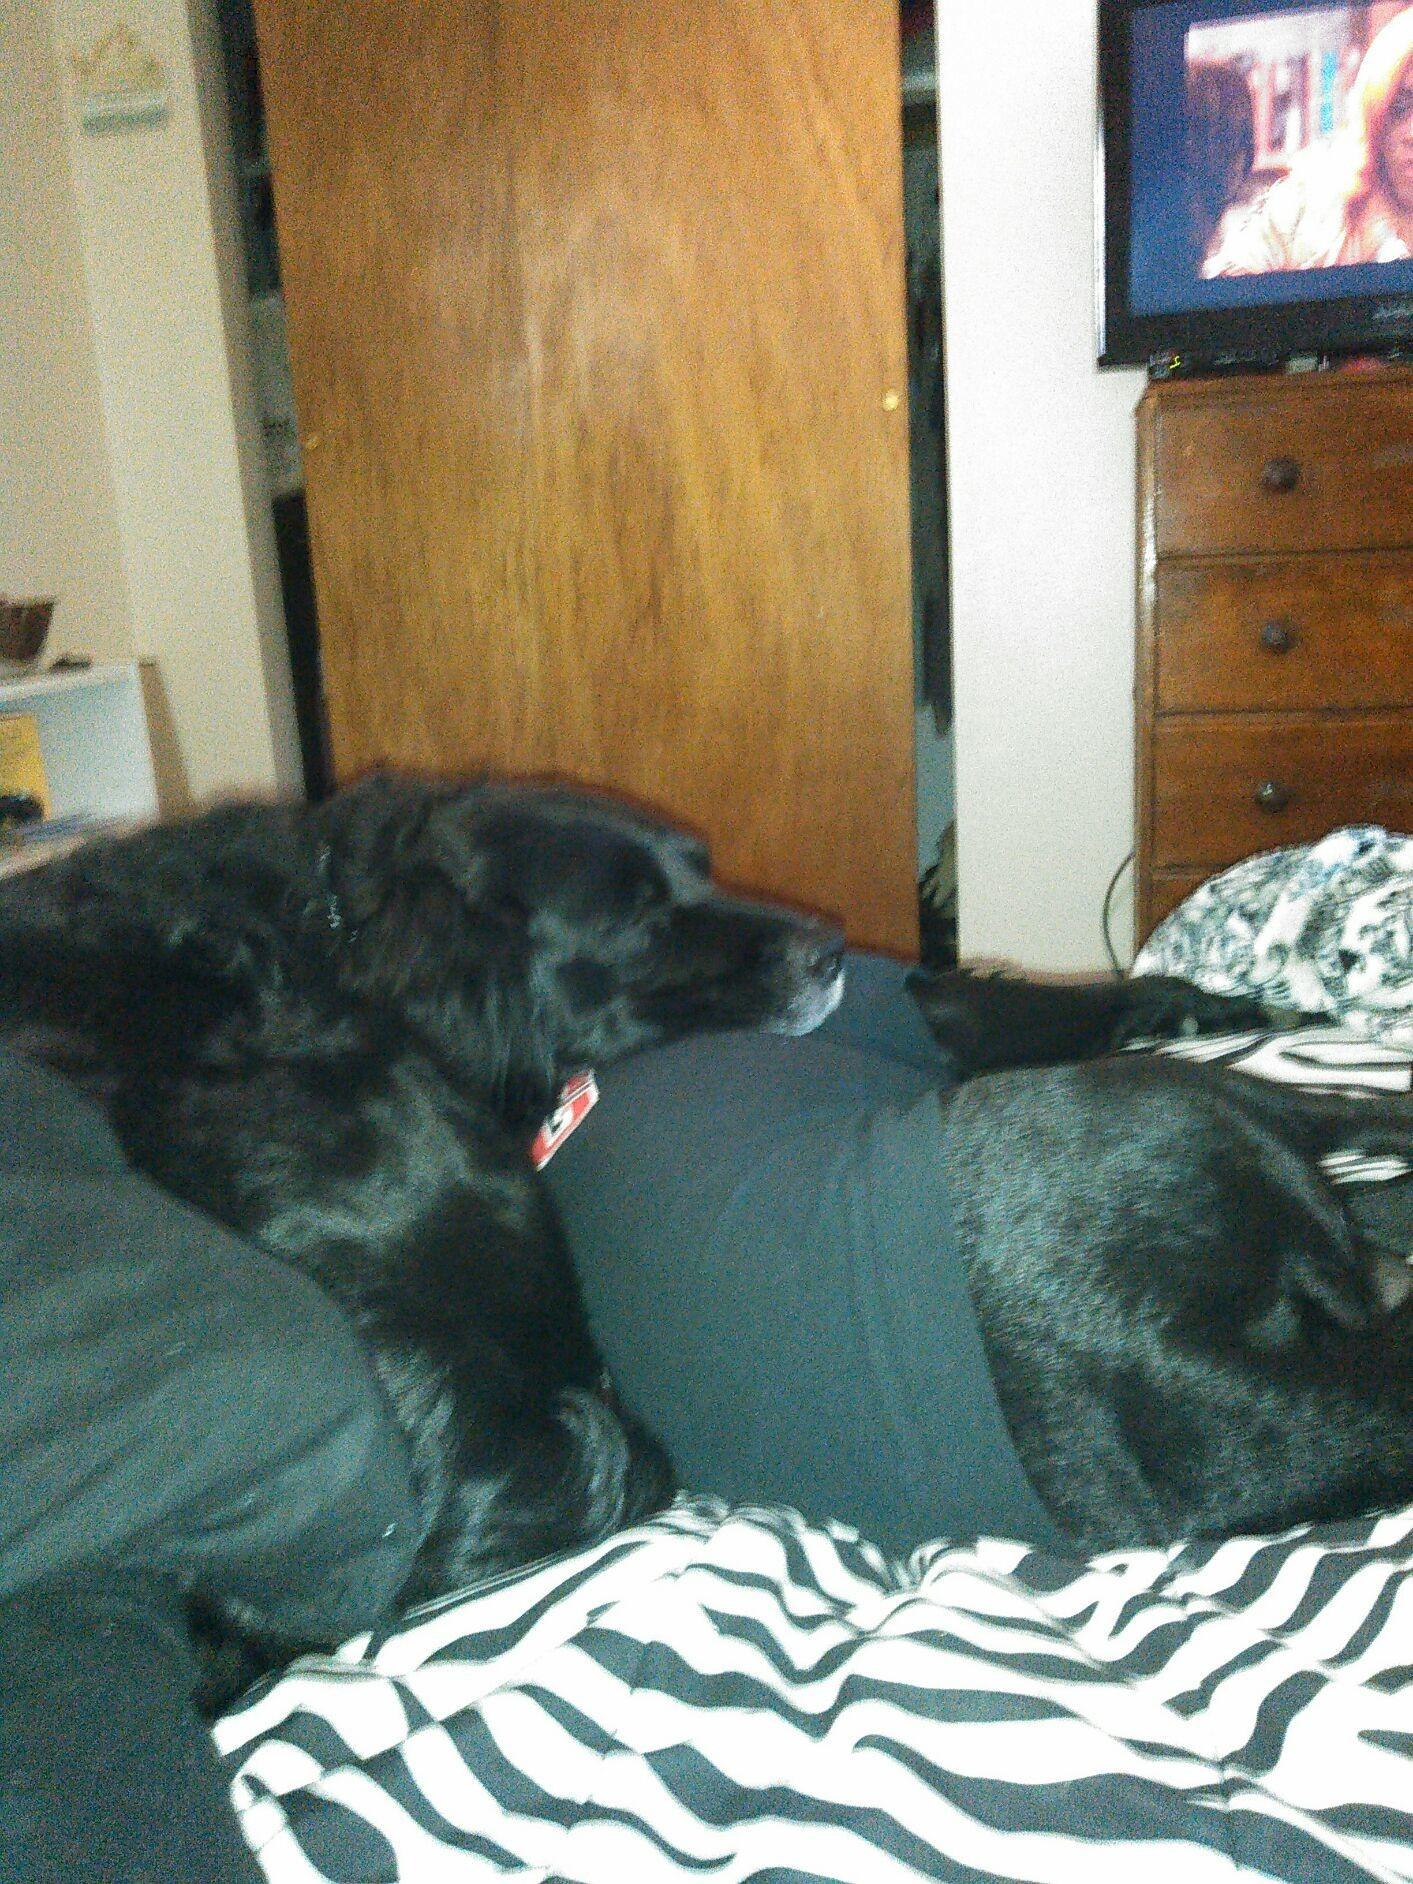 Awe, what good pups!